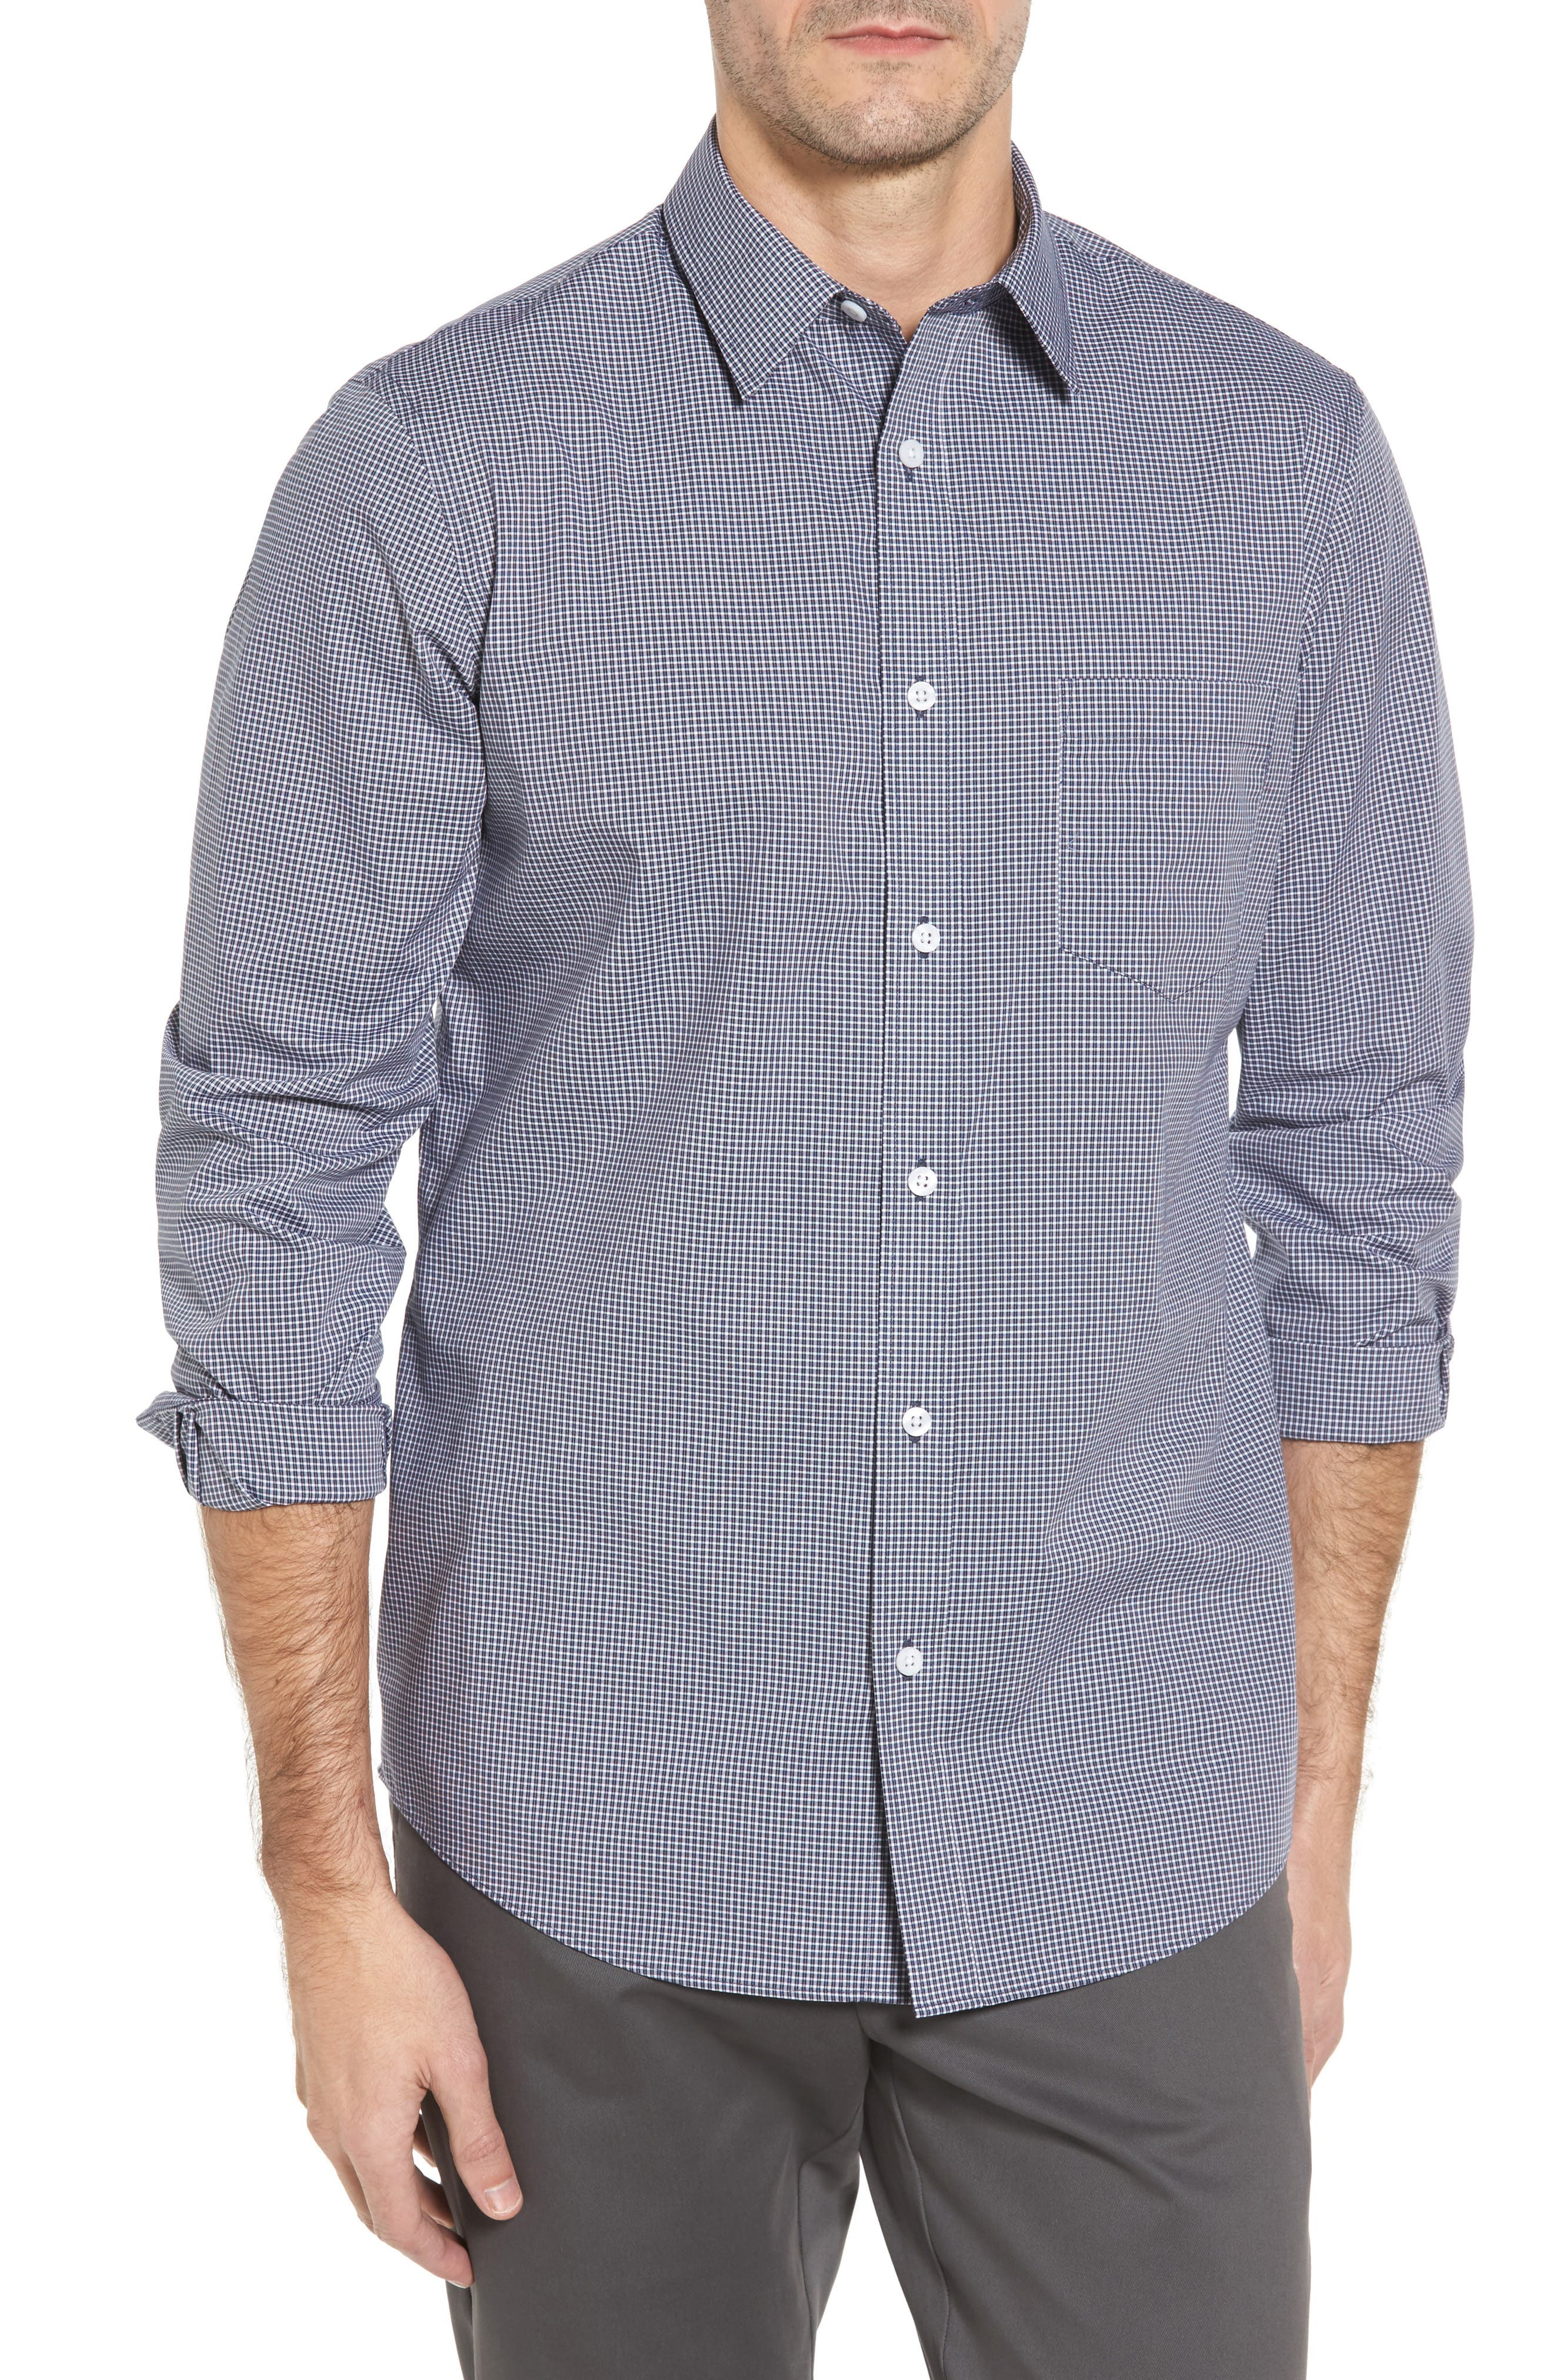 Main Image - Nordstrom Men's Shop Non-Iron Microcheck Sport Shirt